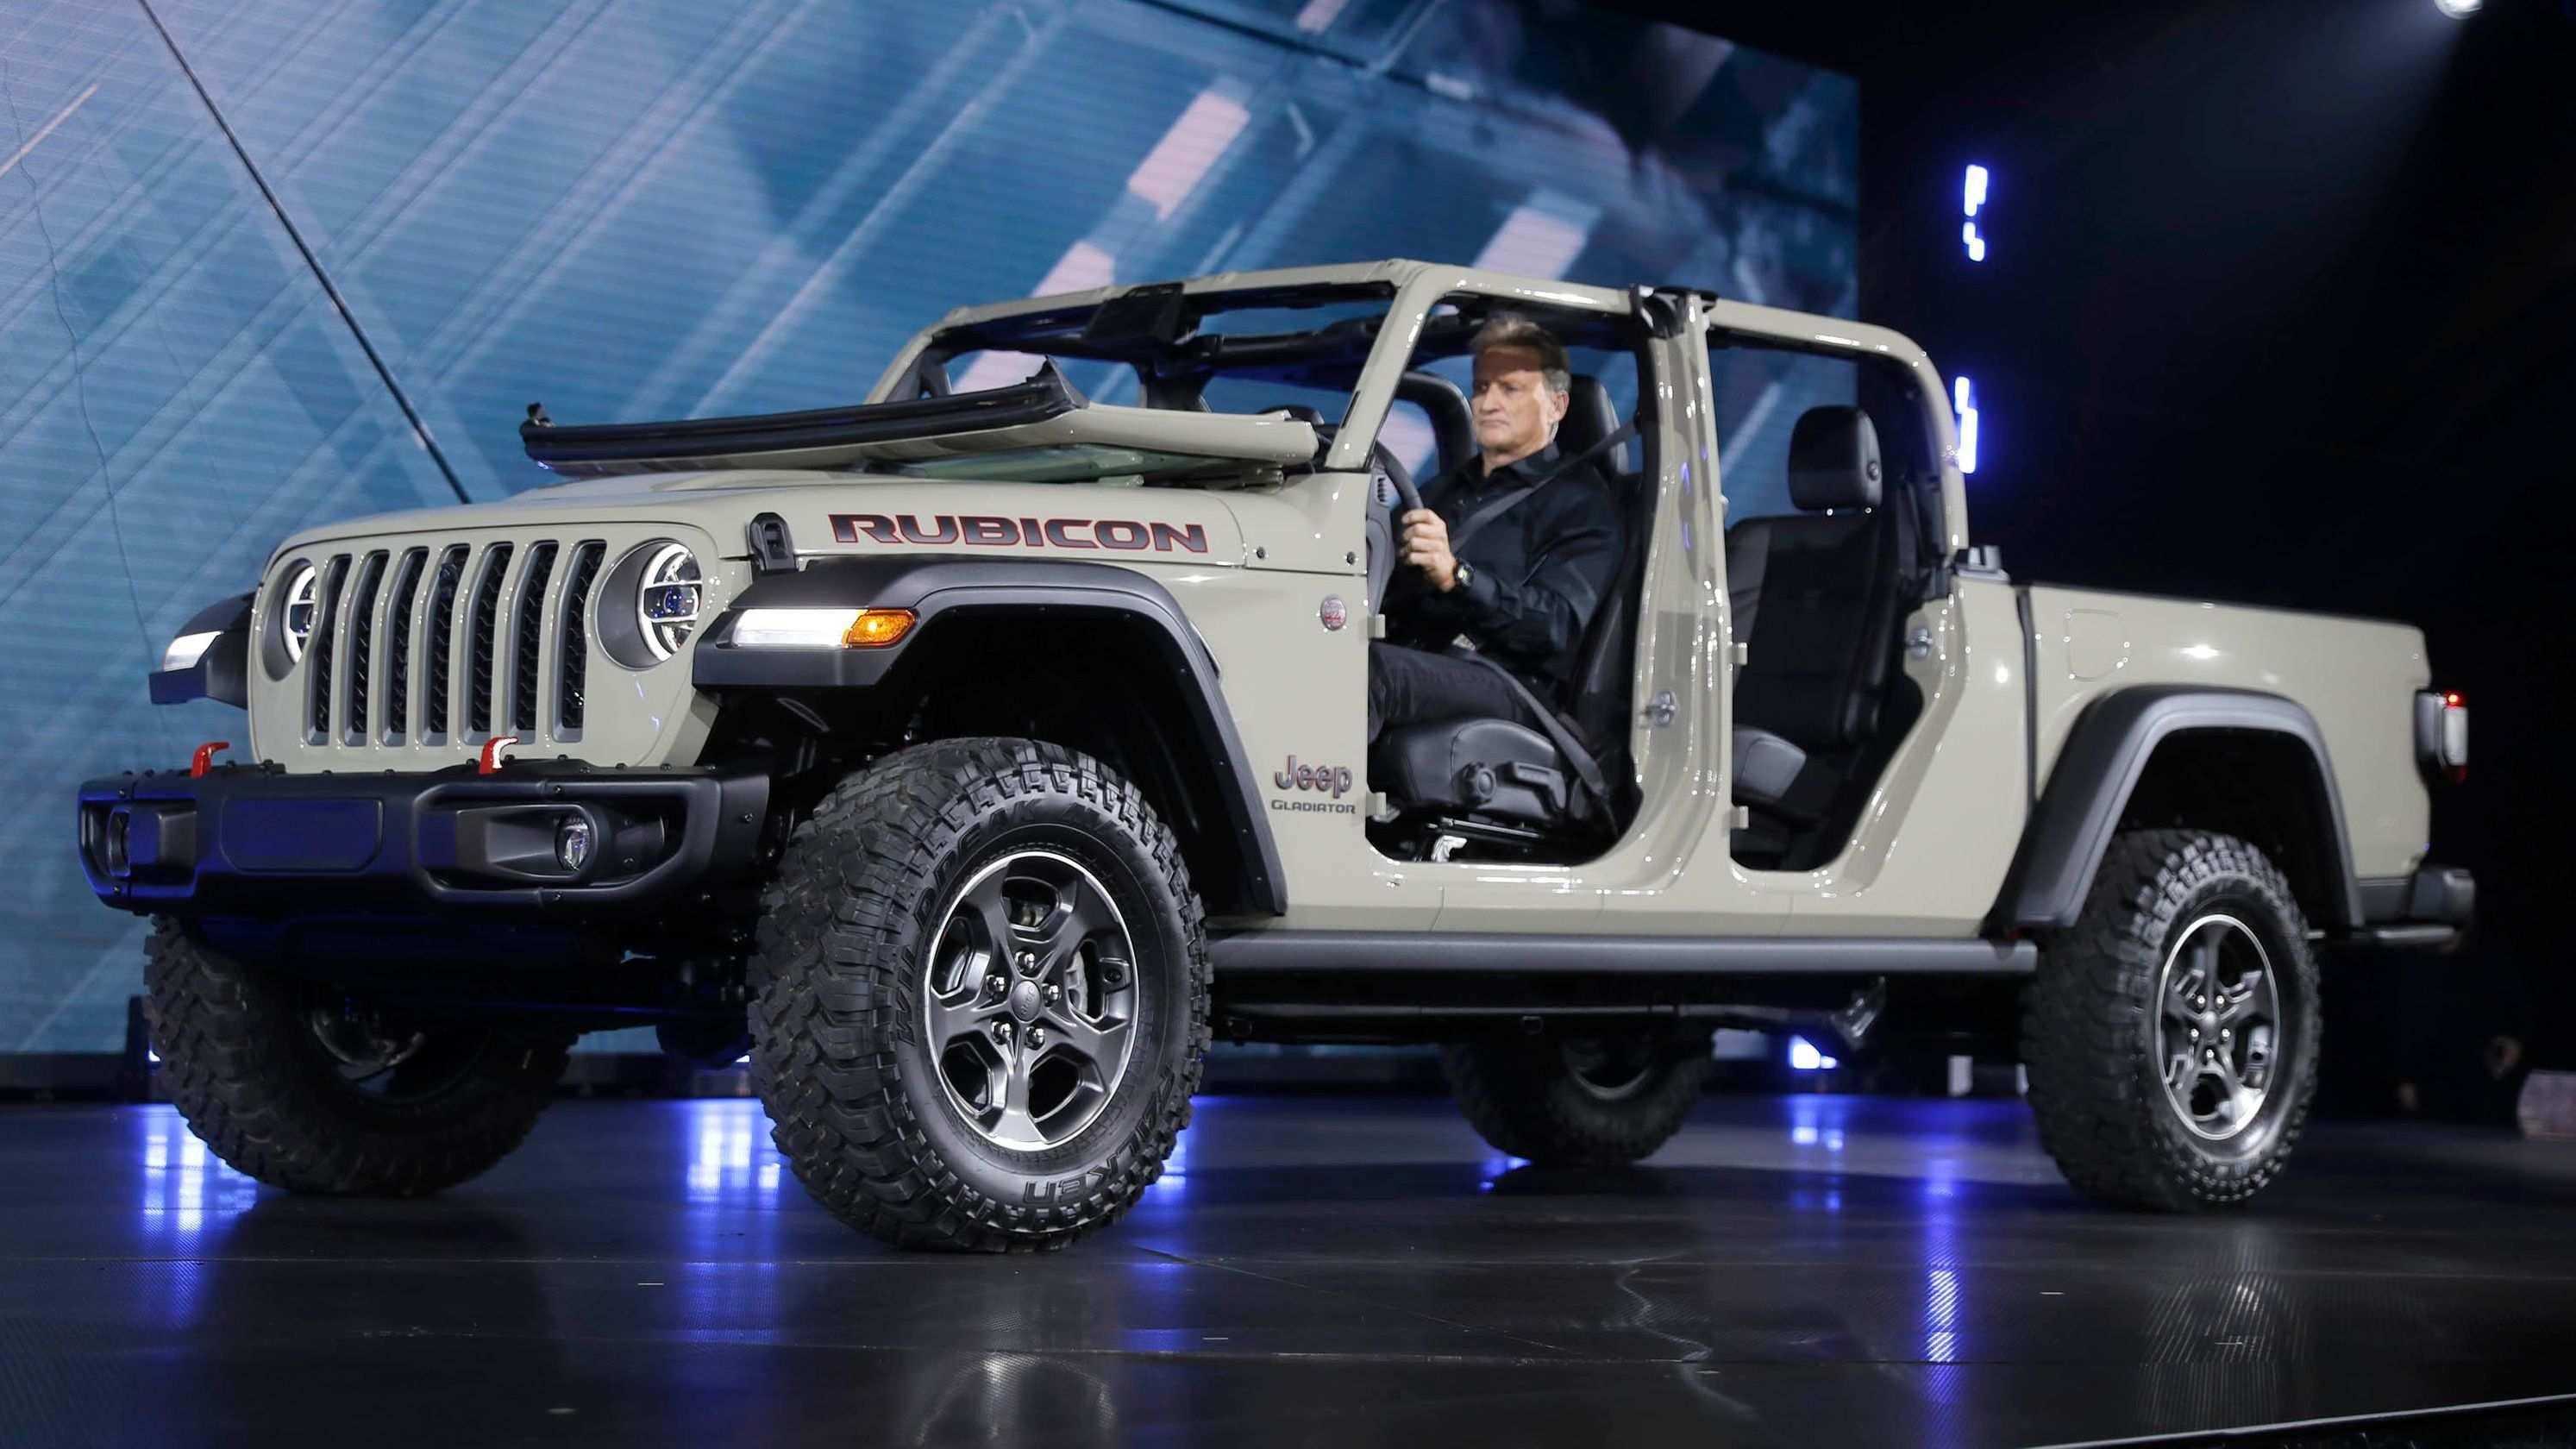 62 Concept of 2019 Jeep Wrangler La Auto Show Release with 2019 Jeep Wrangler La Auto Show